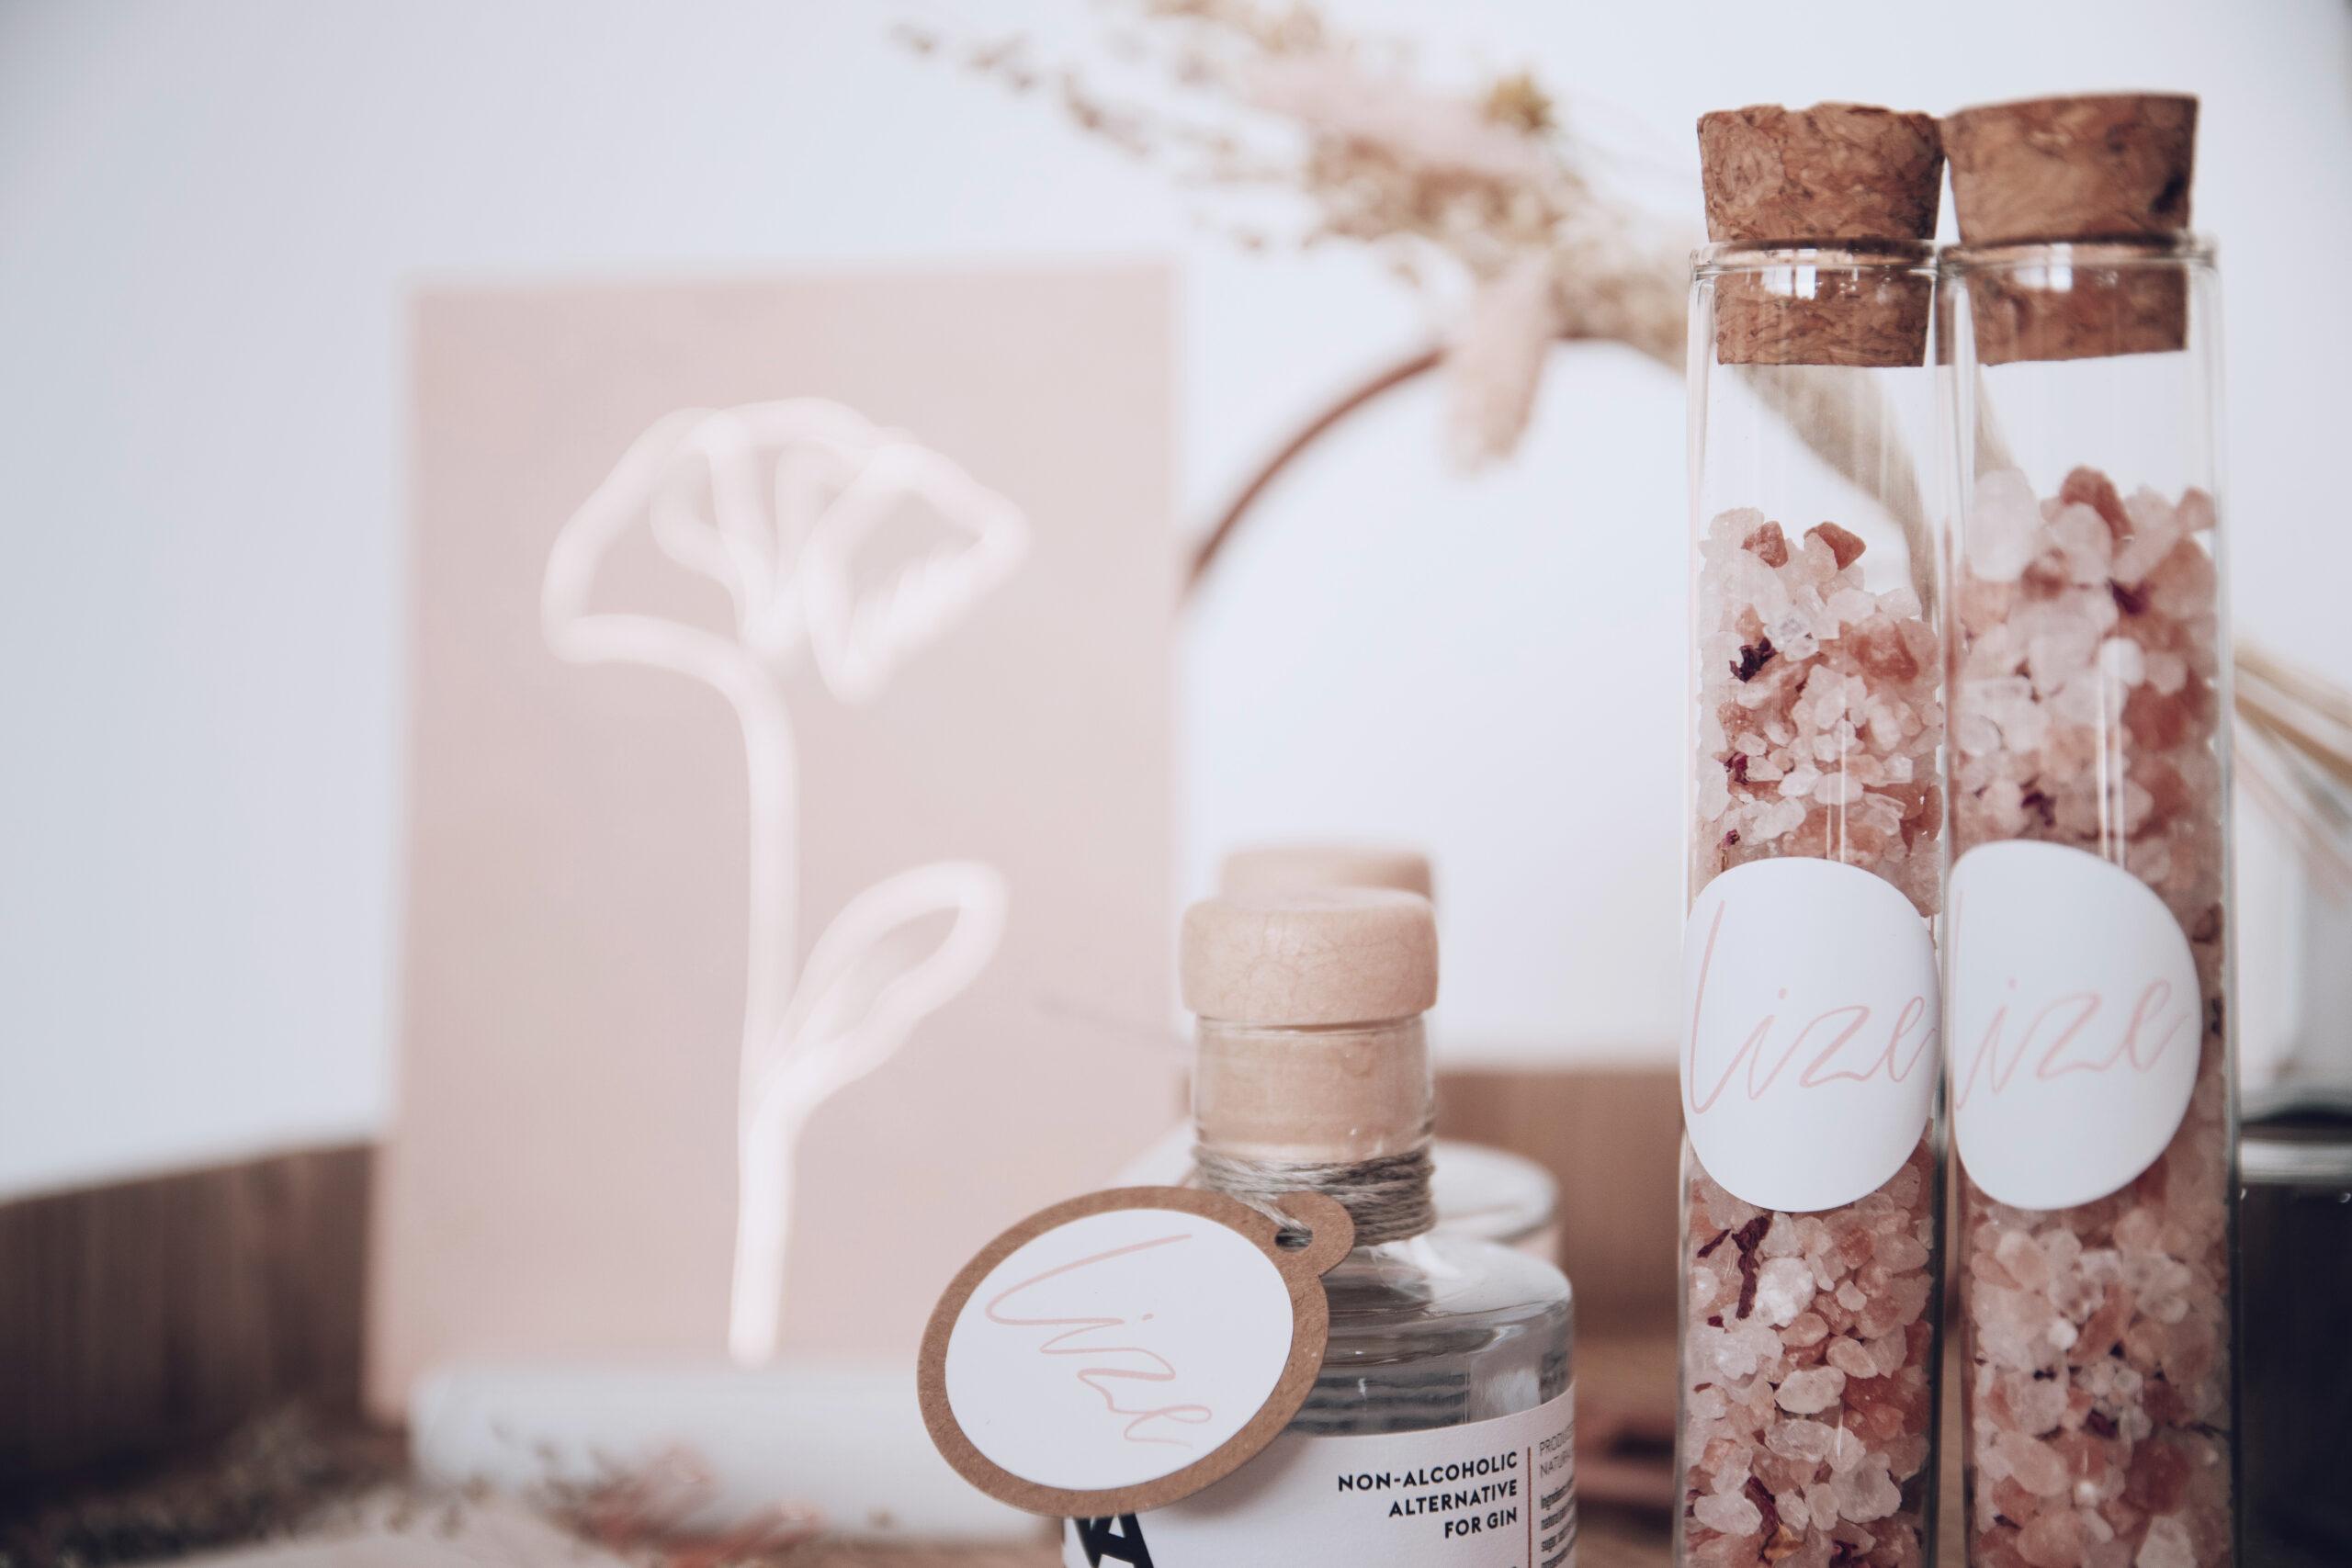 Geboortekaartje Lize - velvet geboortekaartje - studio mustique - studio blanche doopsuiker - letterpress rose gold rosegoud bloem - line drawing